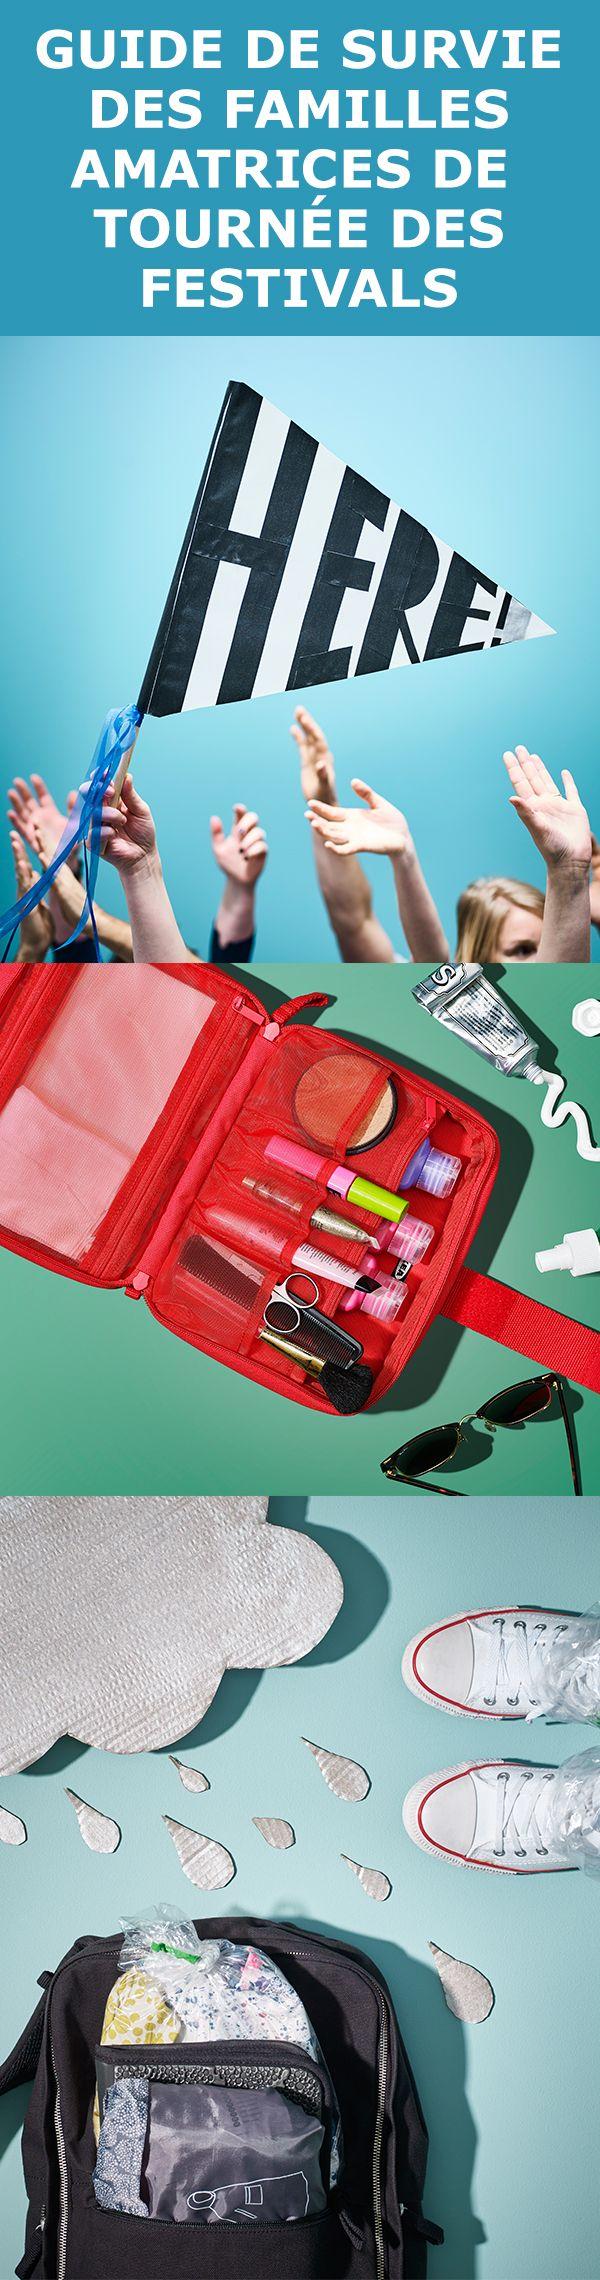 Les shows de l'été sont attirants mais un brin de préparation peut aider à limiter certains pépins possibles (et éviter les coups de soleil). En cas de pluie, sortez votre poncho KNALLA. Tout léger et facile à transporter, il convient à tous. Et quand le soleil est au rendez-vous, glissez tous vos accessoires dans notre sac FÖRFINA. Son format est idéal pour y glisser le dentifrice, la trousse de premiers soins et autres menus articles.